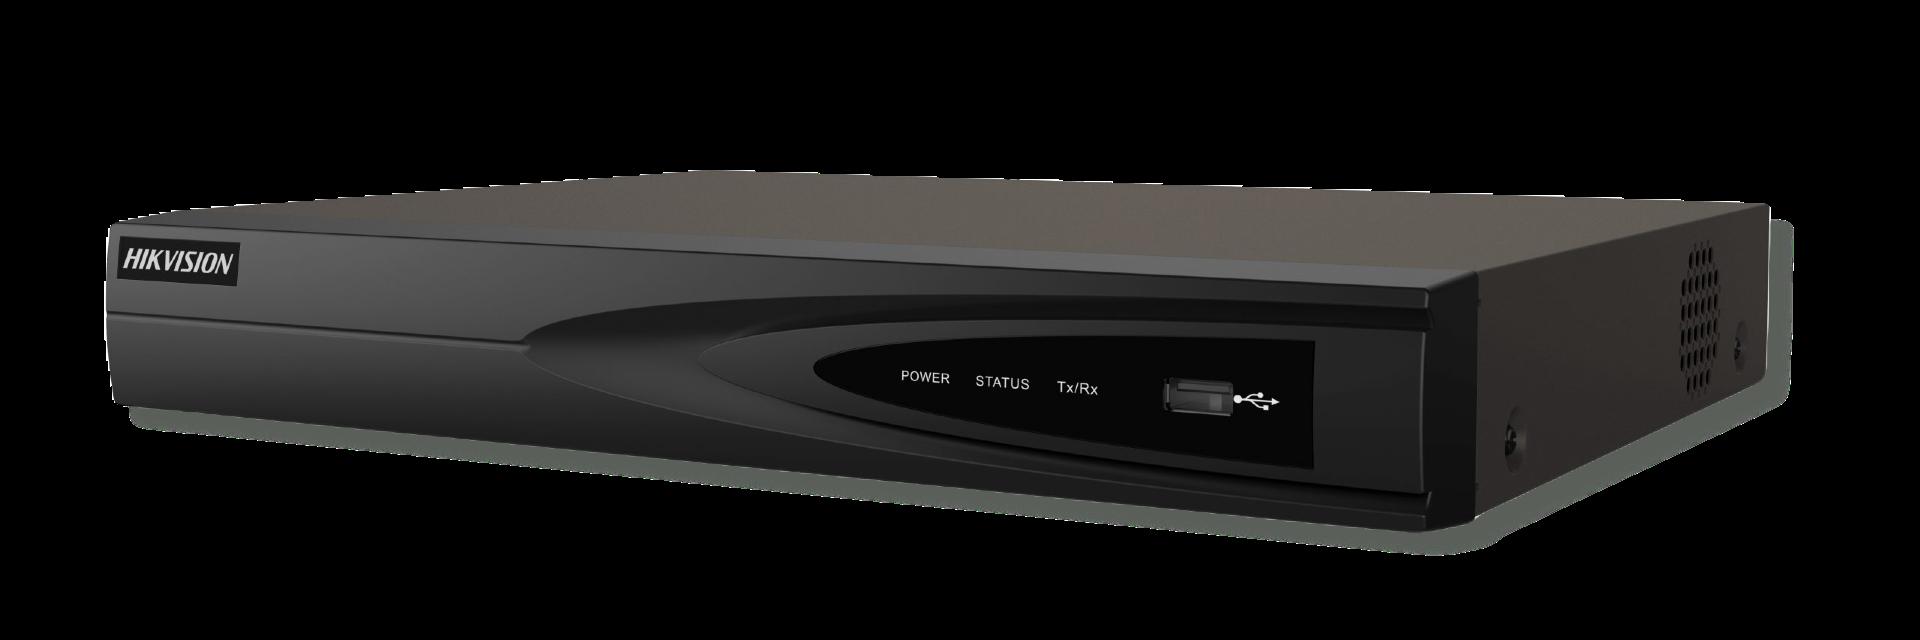 Este gravador / NVR apresenta: - 4 canais - 4 portas POE - 1 conexão Sata para HDDs de 3,5 polegadas de até 6 TB - Suporte H.265 - Aplicativo Hik-Connect para download - conexão HDMI